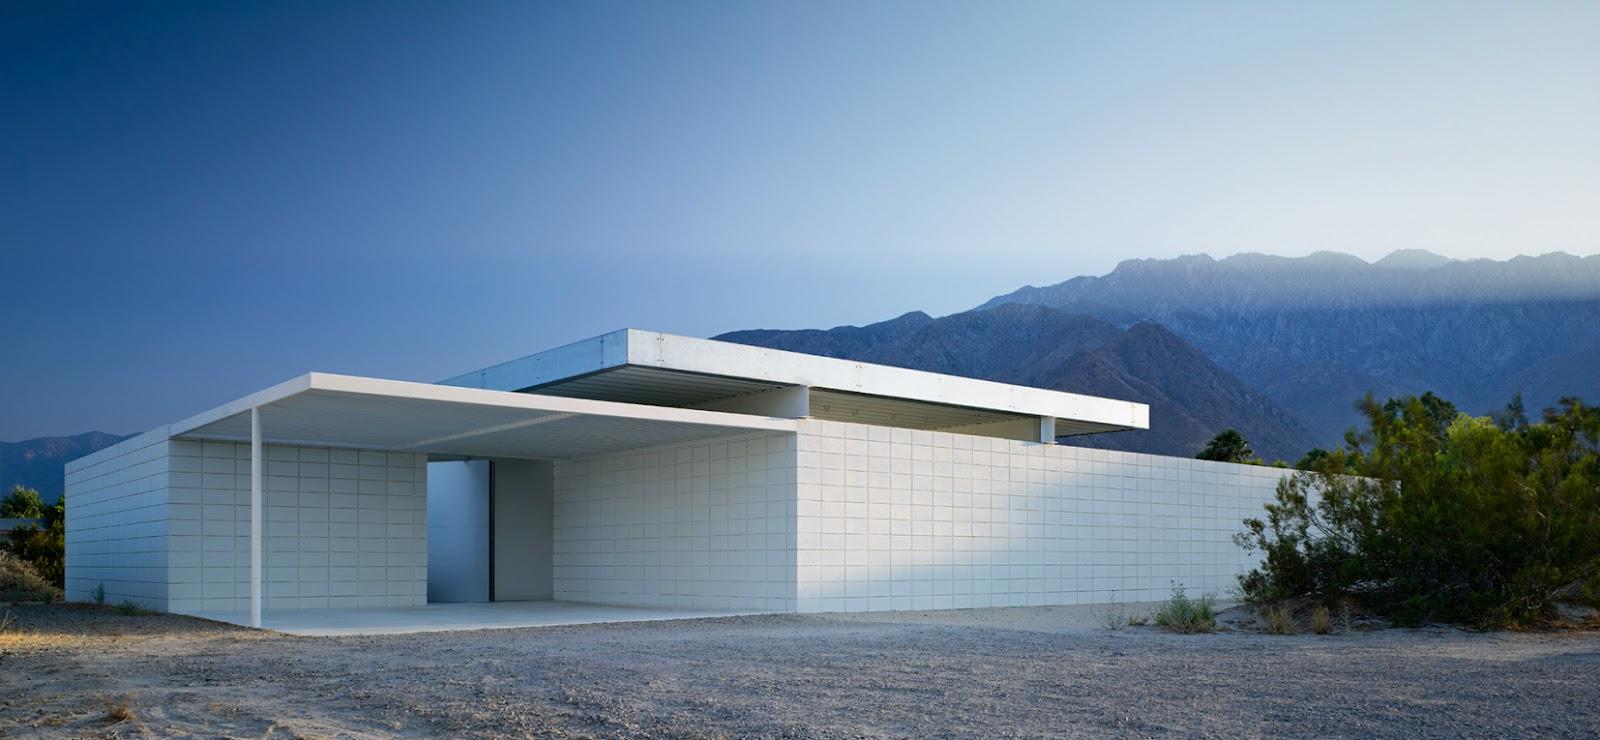 House in the desert modern design by moderndesign org